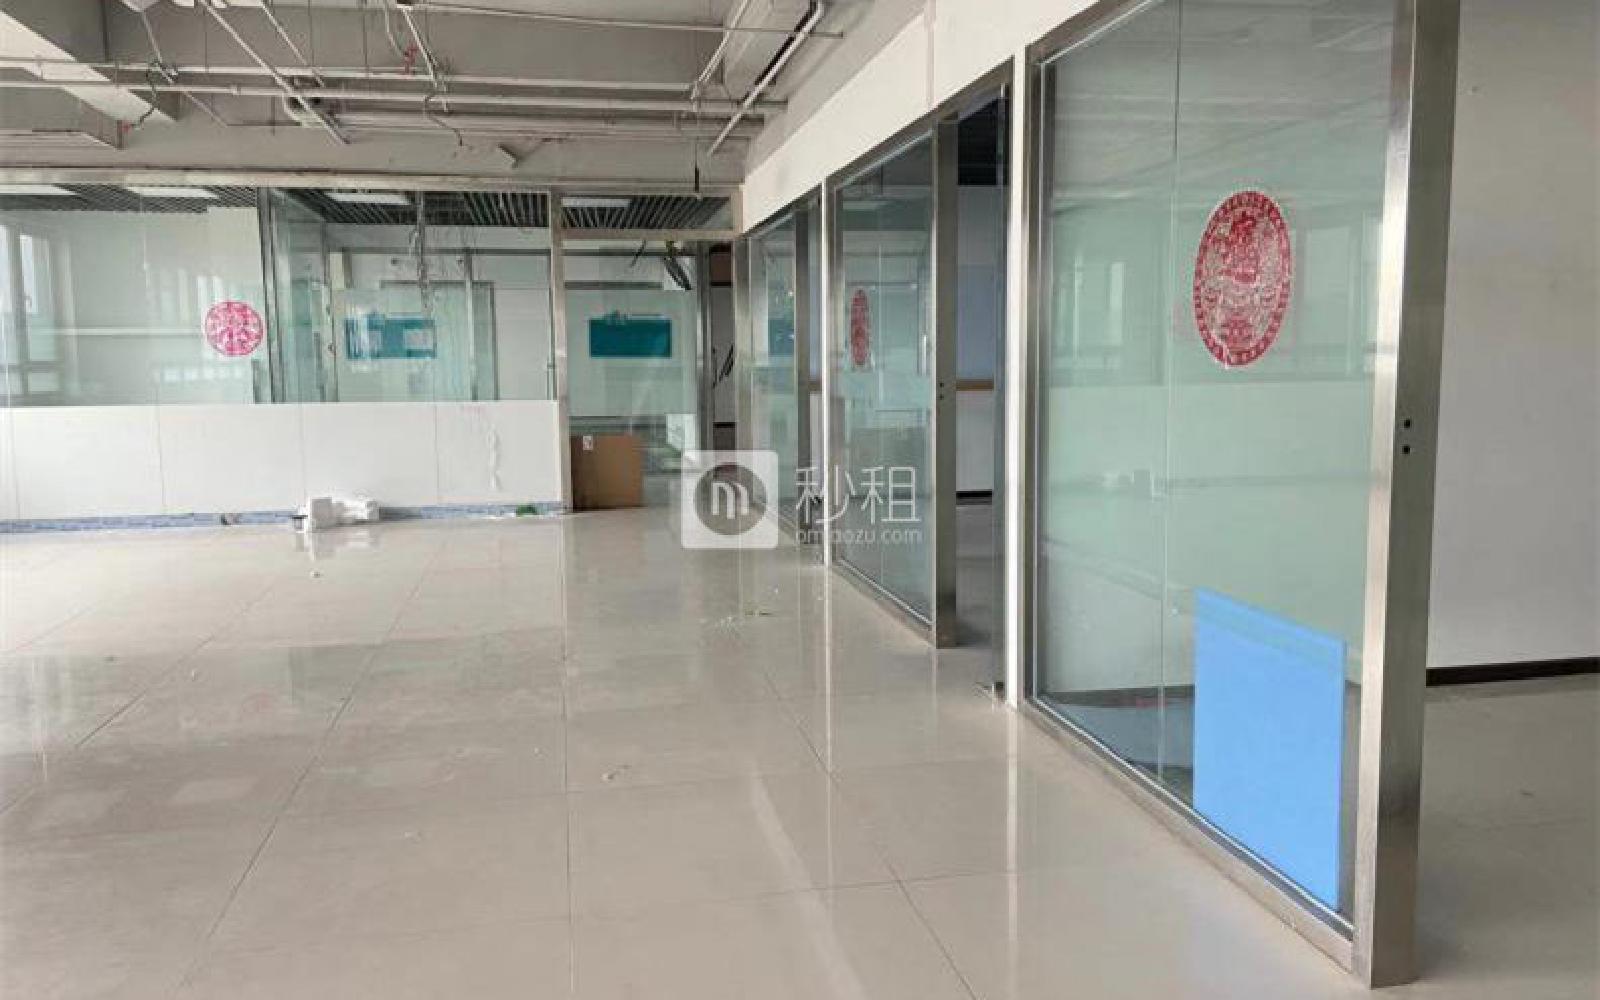 龙冠商务中心银座-乐邦乐成创业基地写字楼出租700平米简装办公室5.2元/m².天